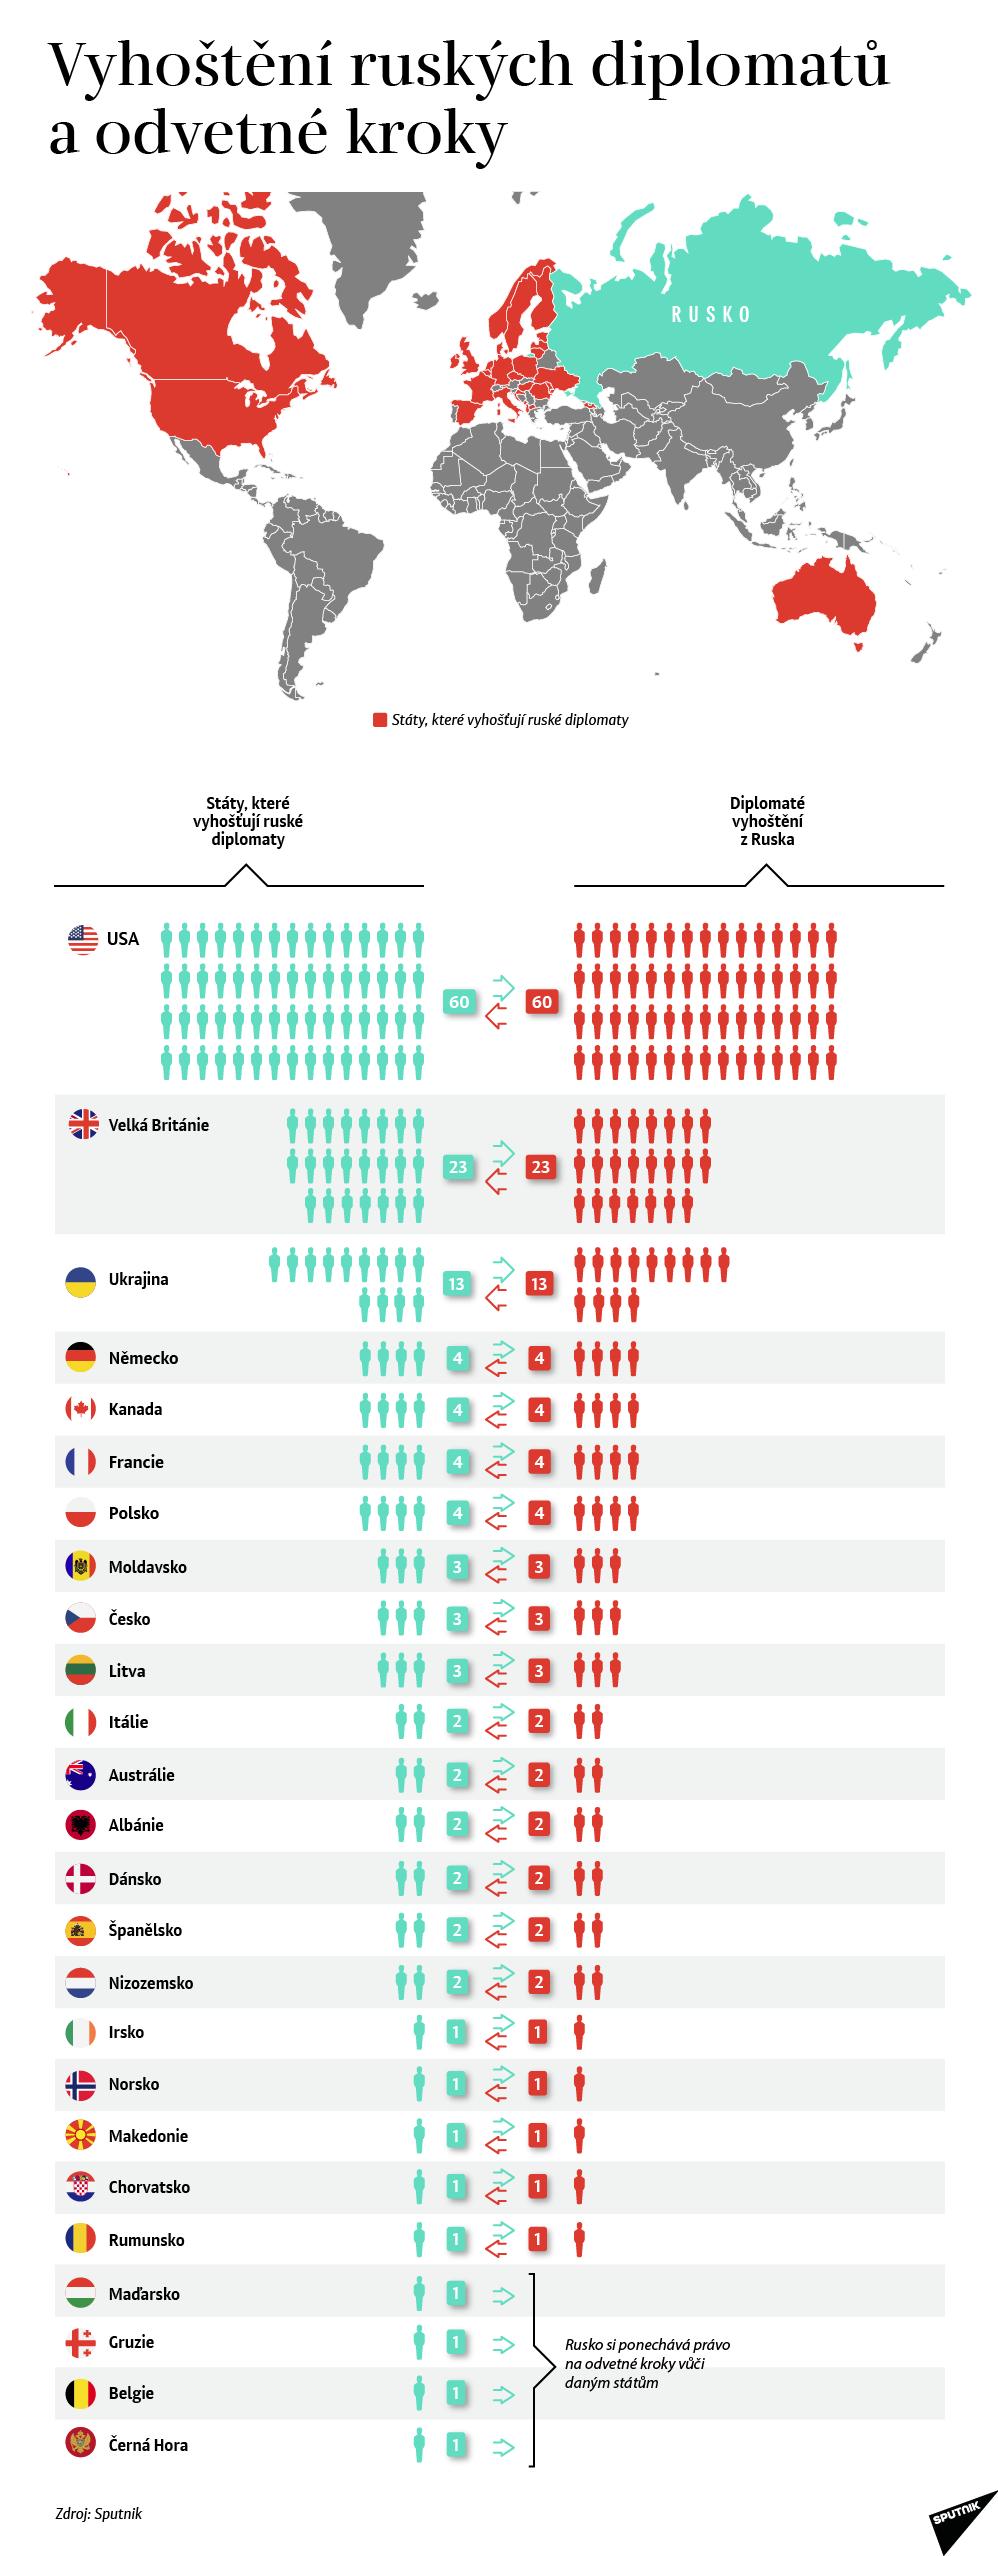 Vyhoštění ruských diplomatů a odvetné kroky